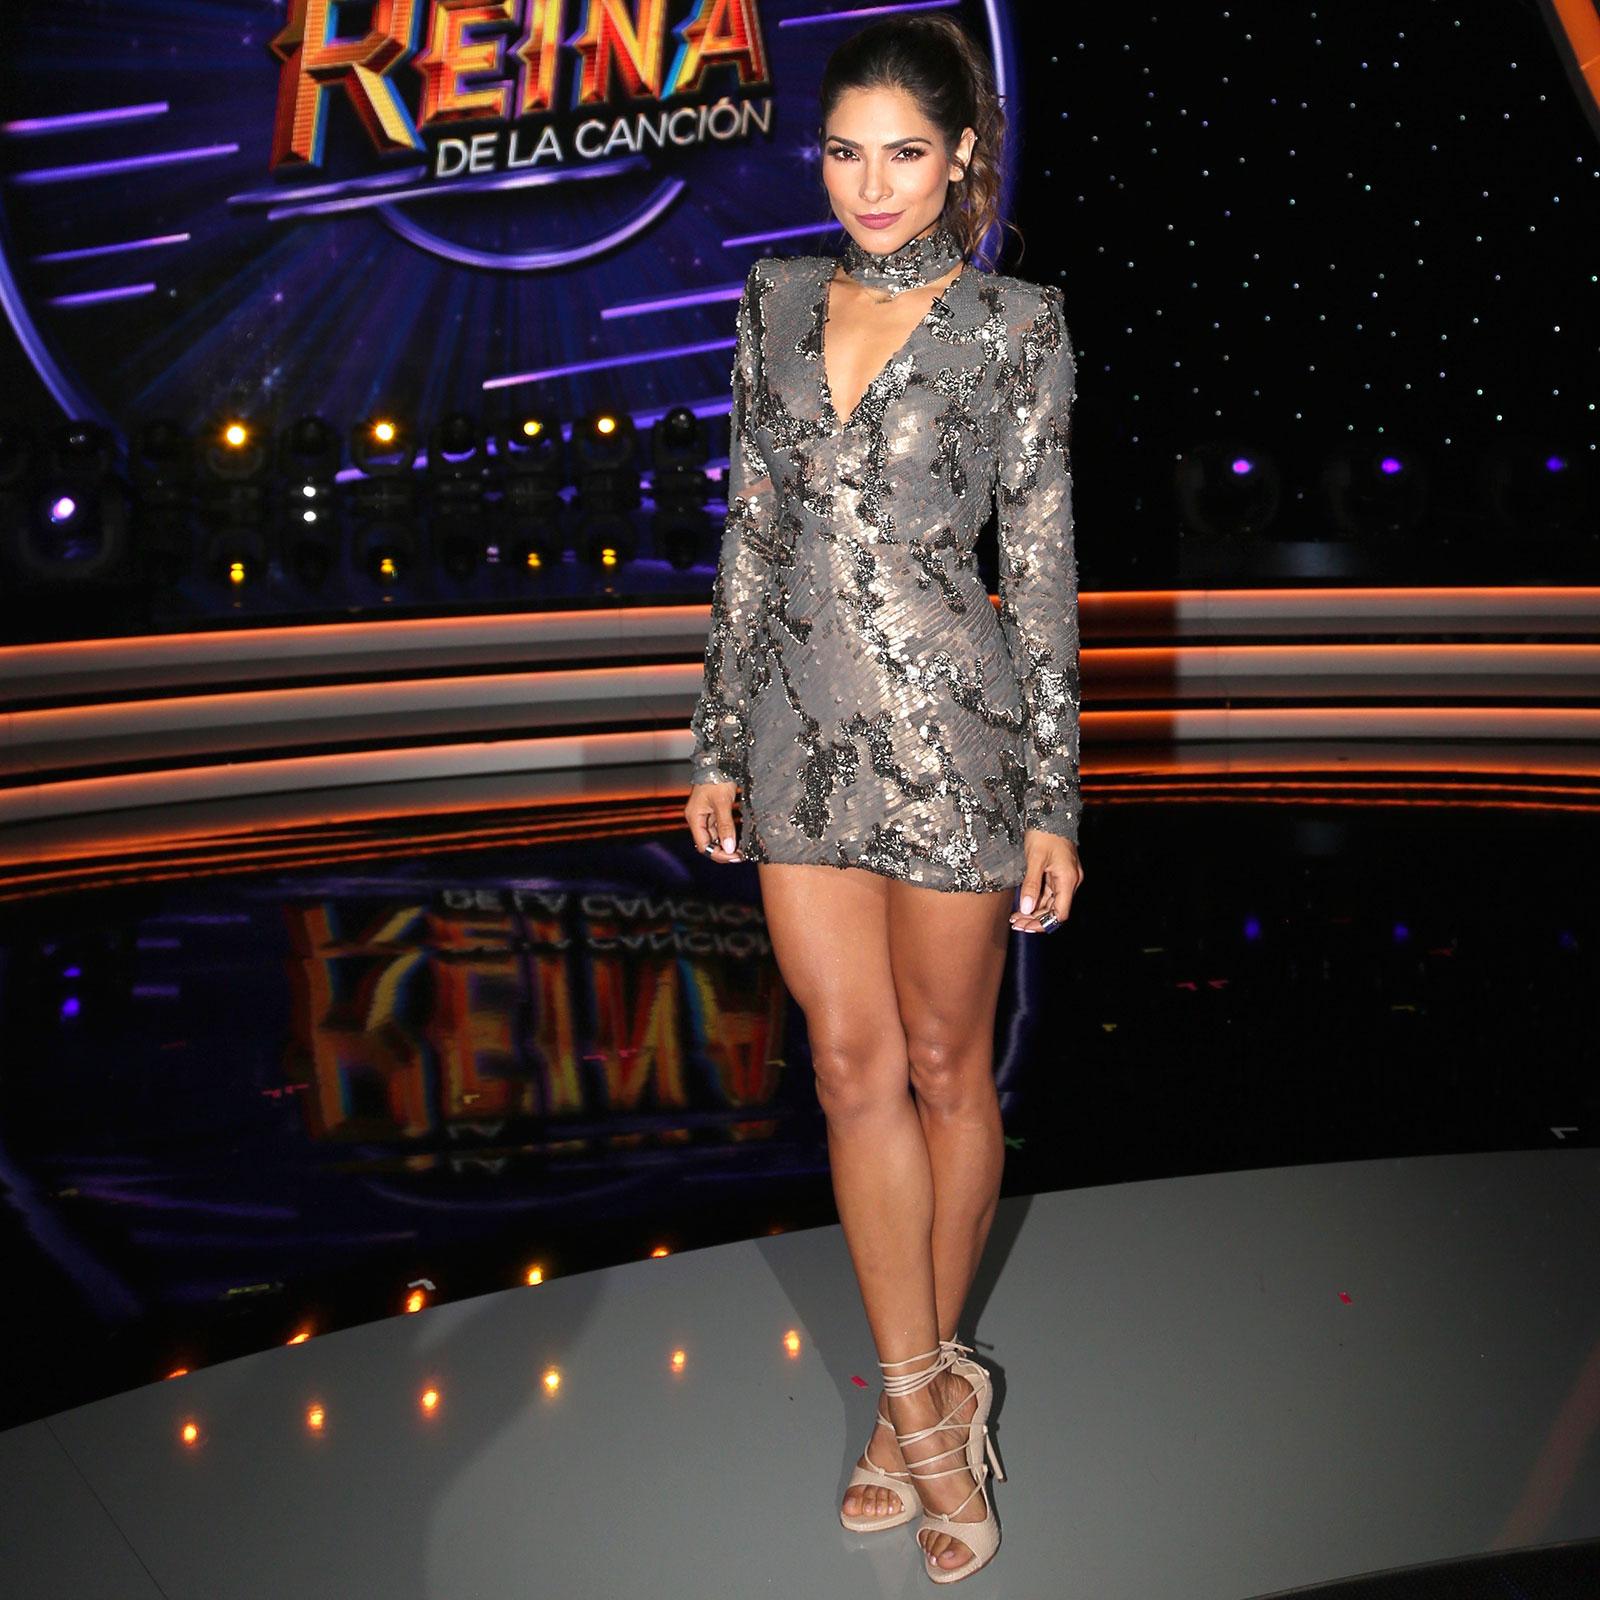 Alejandra Espinoza, look, estilo, la reina de la cancion